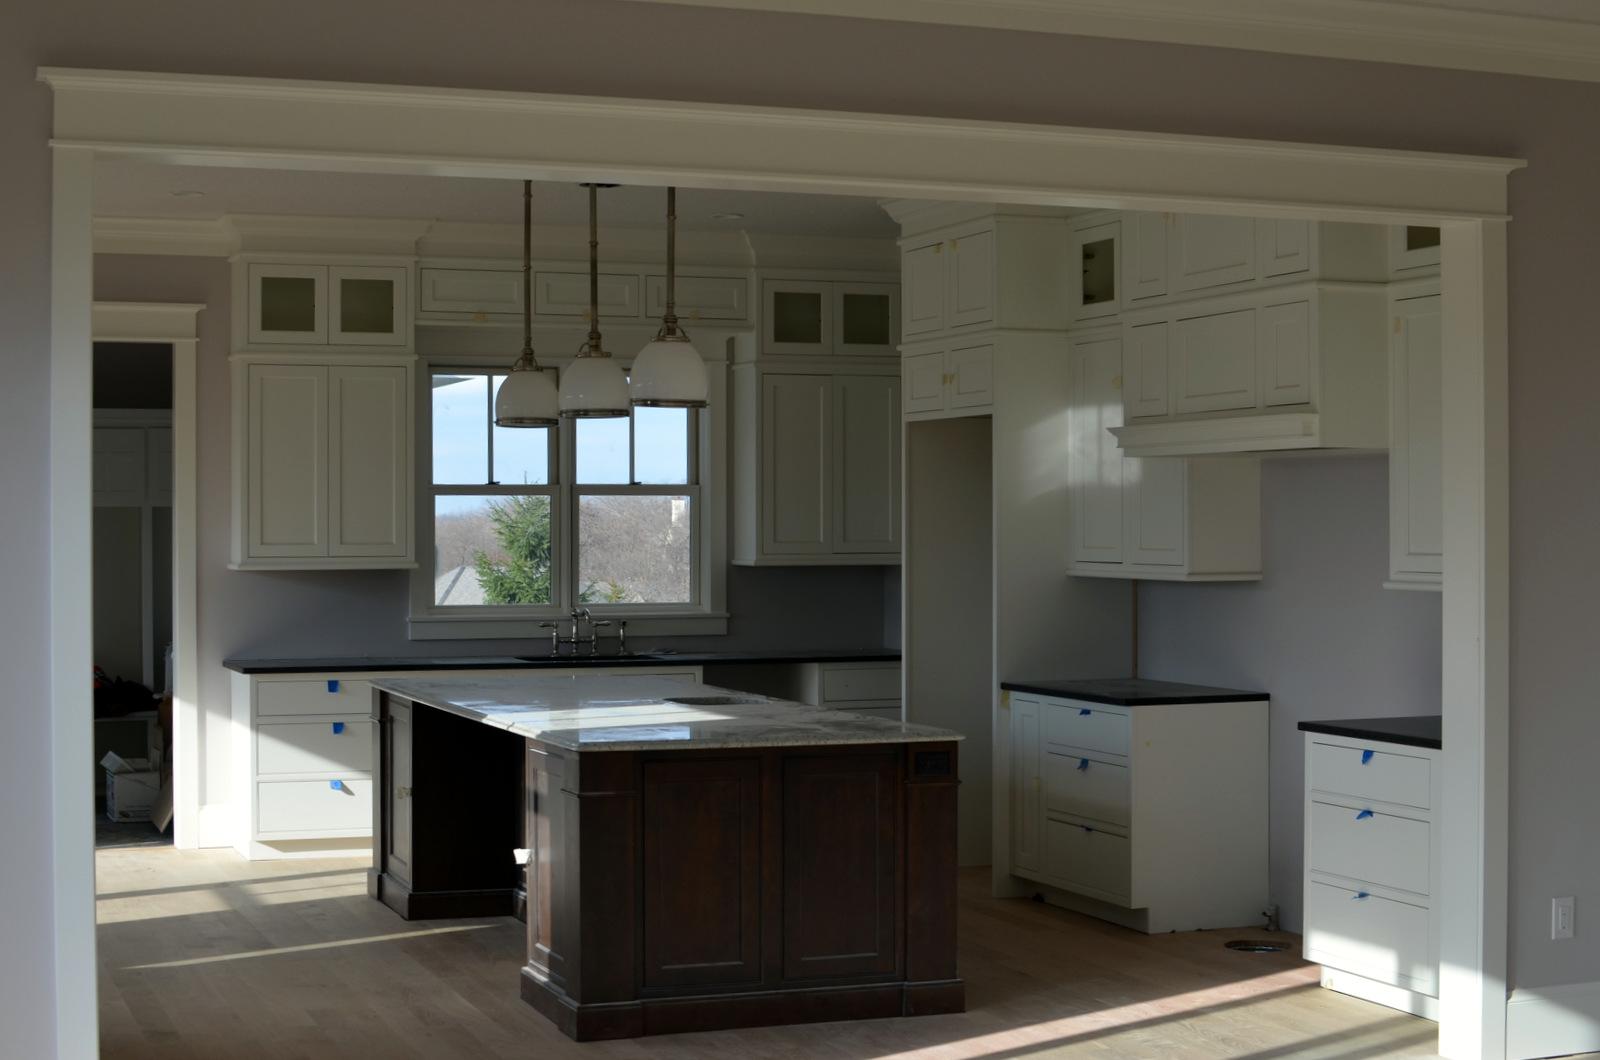 New Kitchen Kitchens Forum Gardenweb Ths